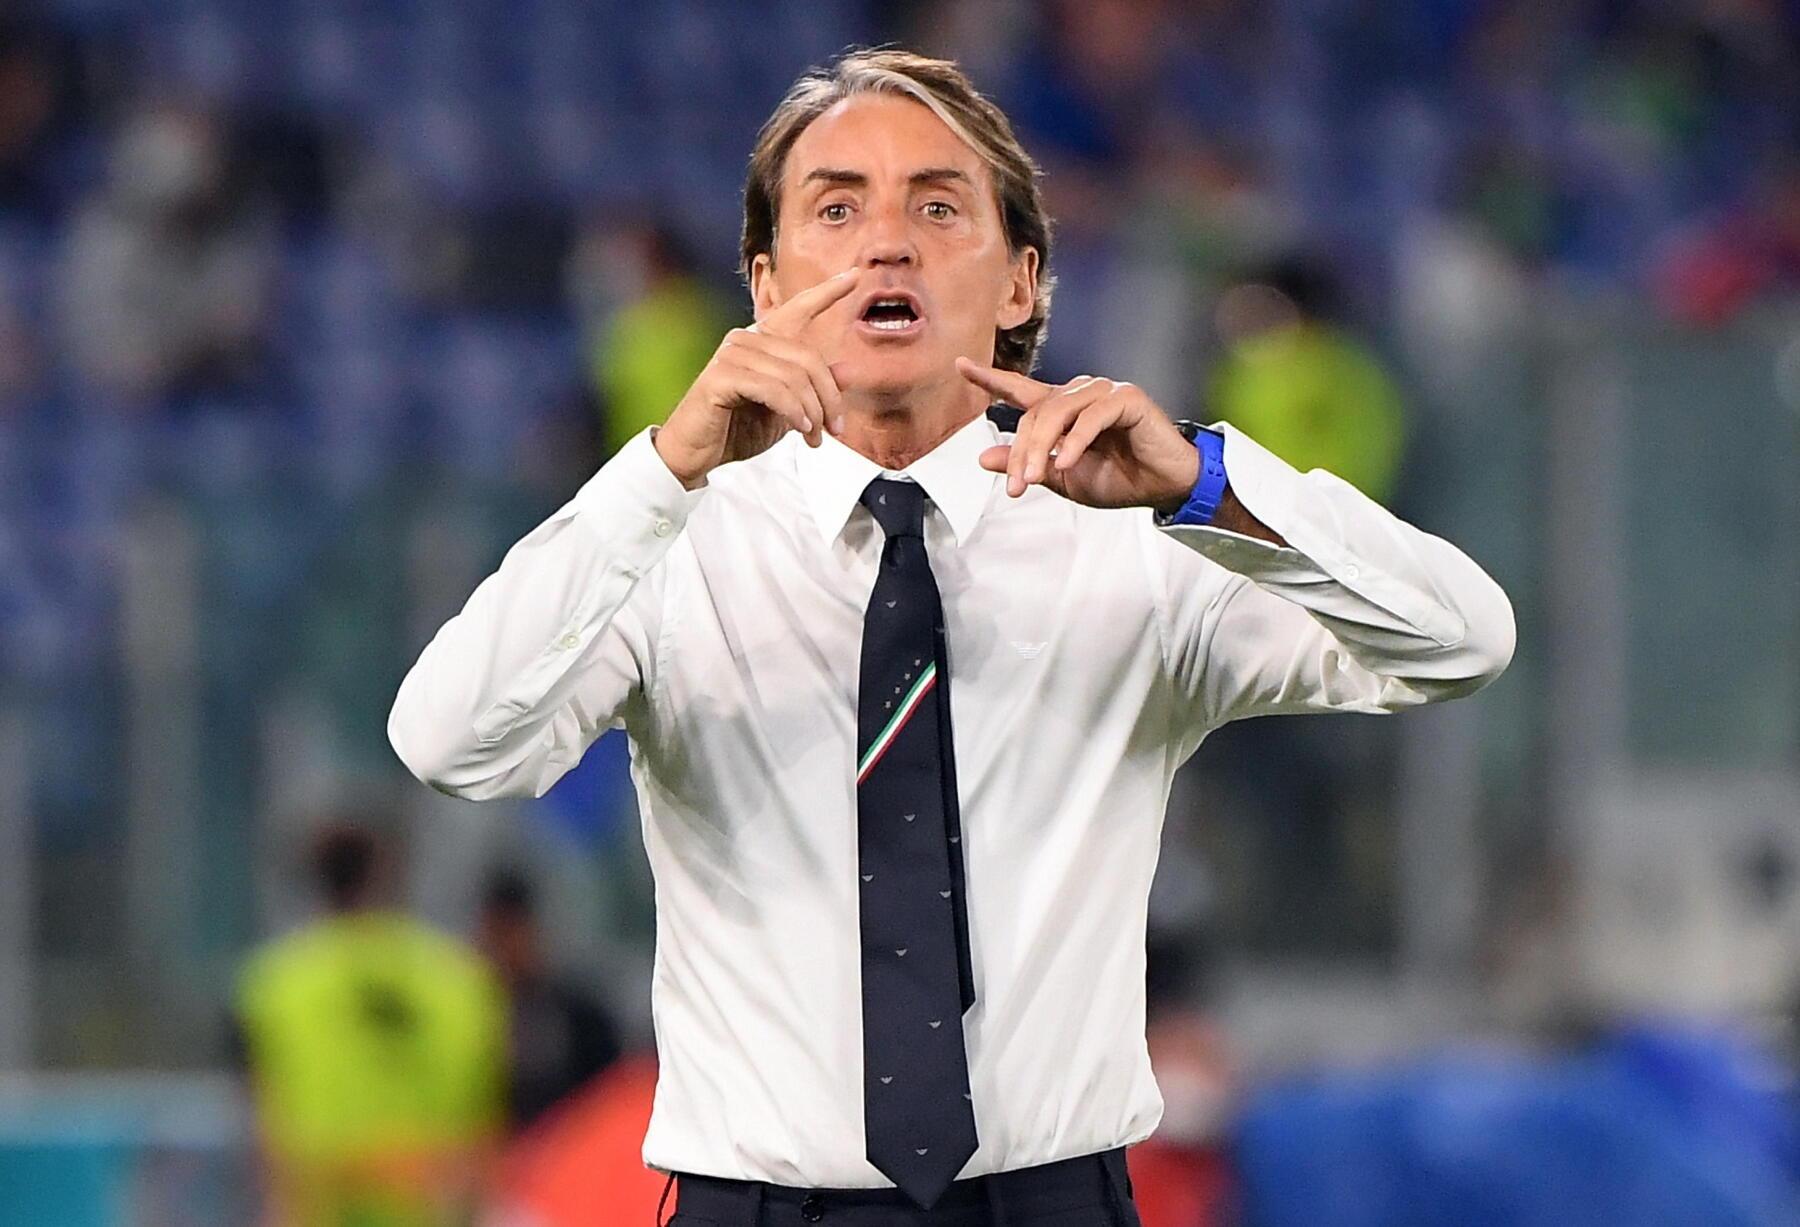 Italia, ti conviene passare prima? Calcoli e tabellone alla mano: avversarie e percorso fino alla semifinale